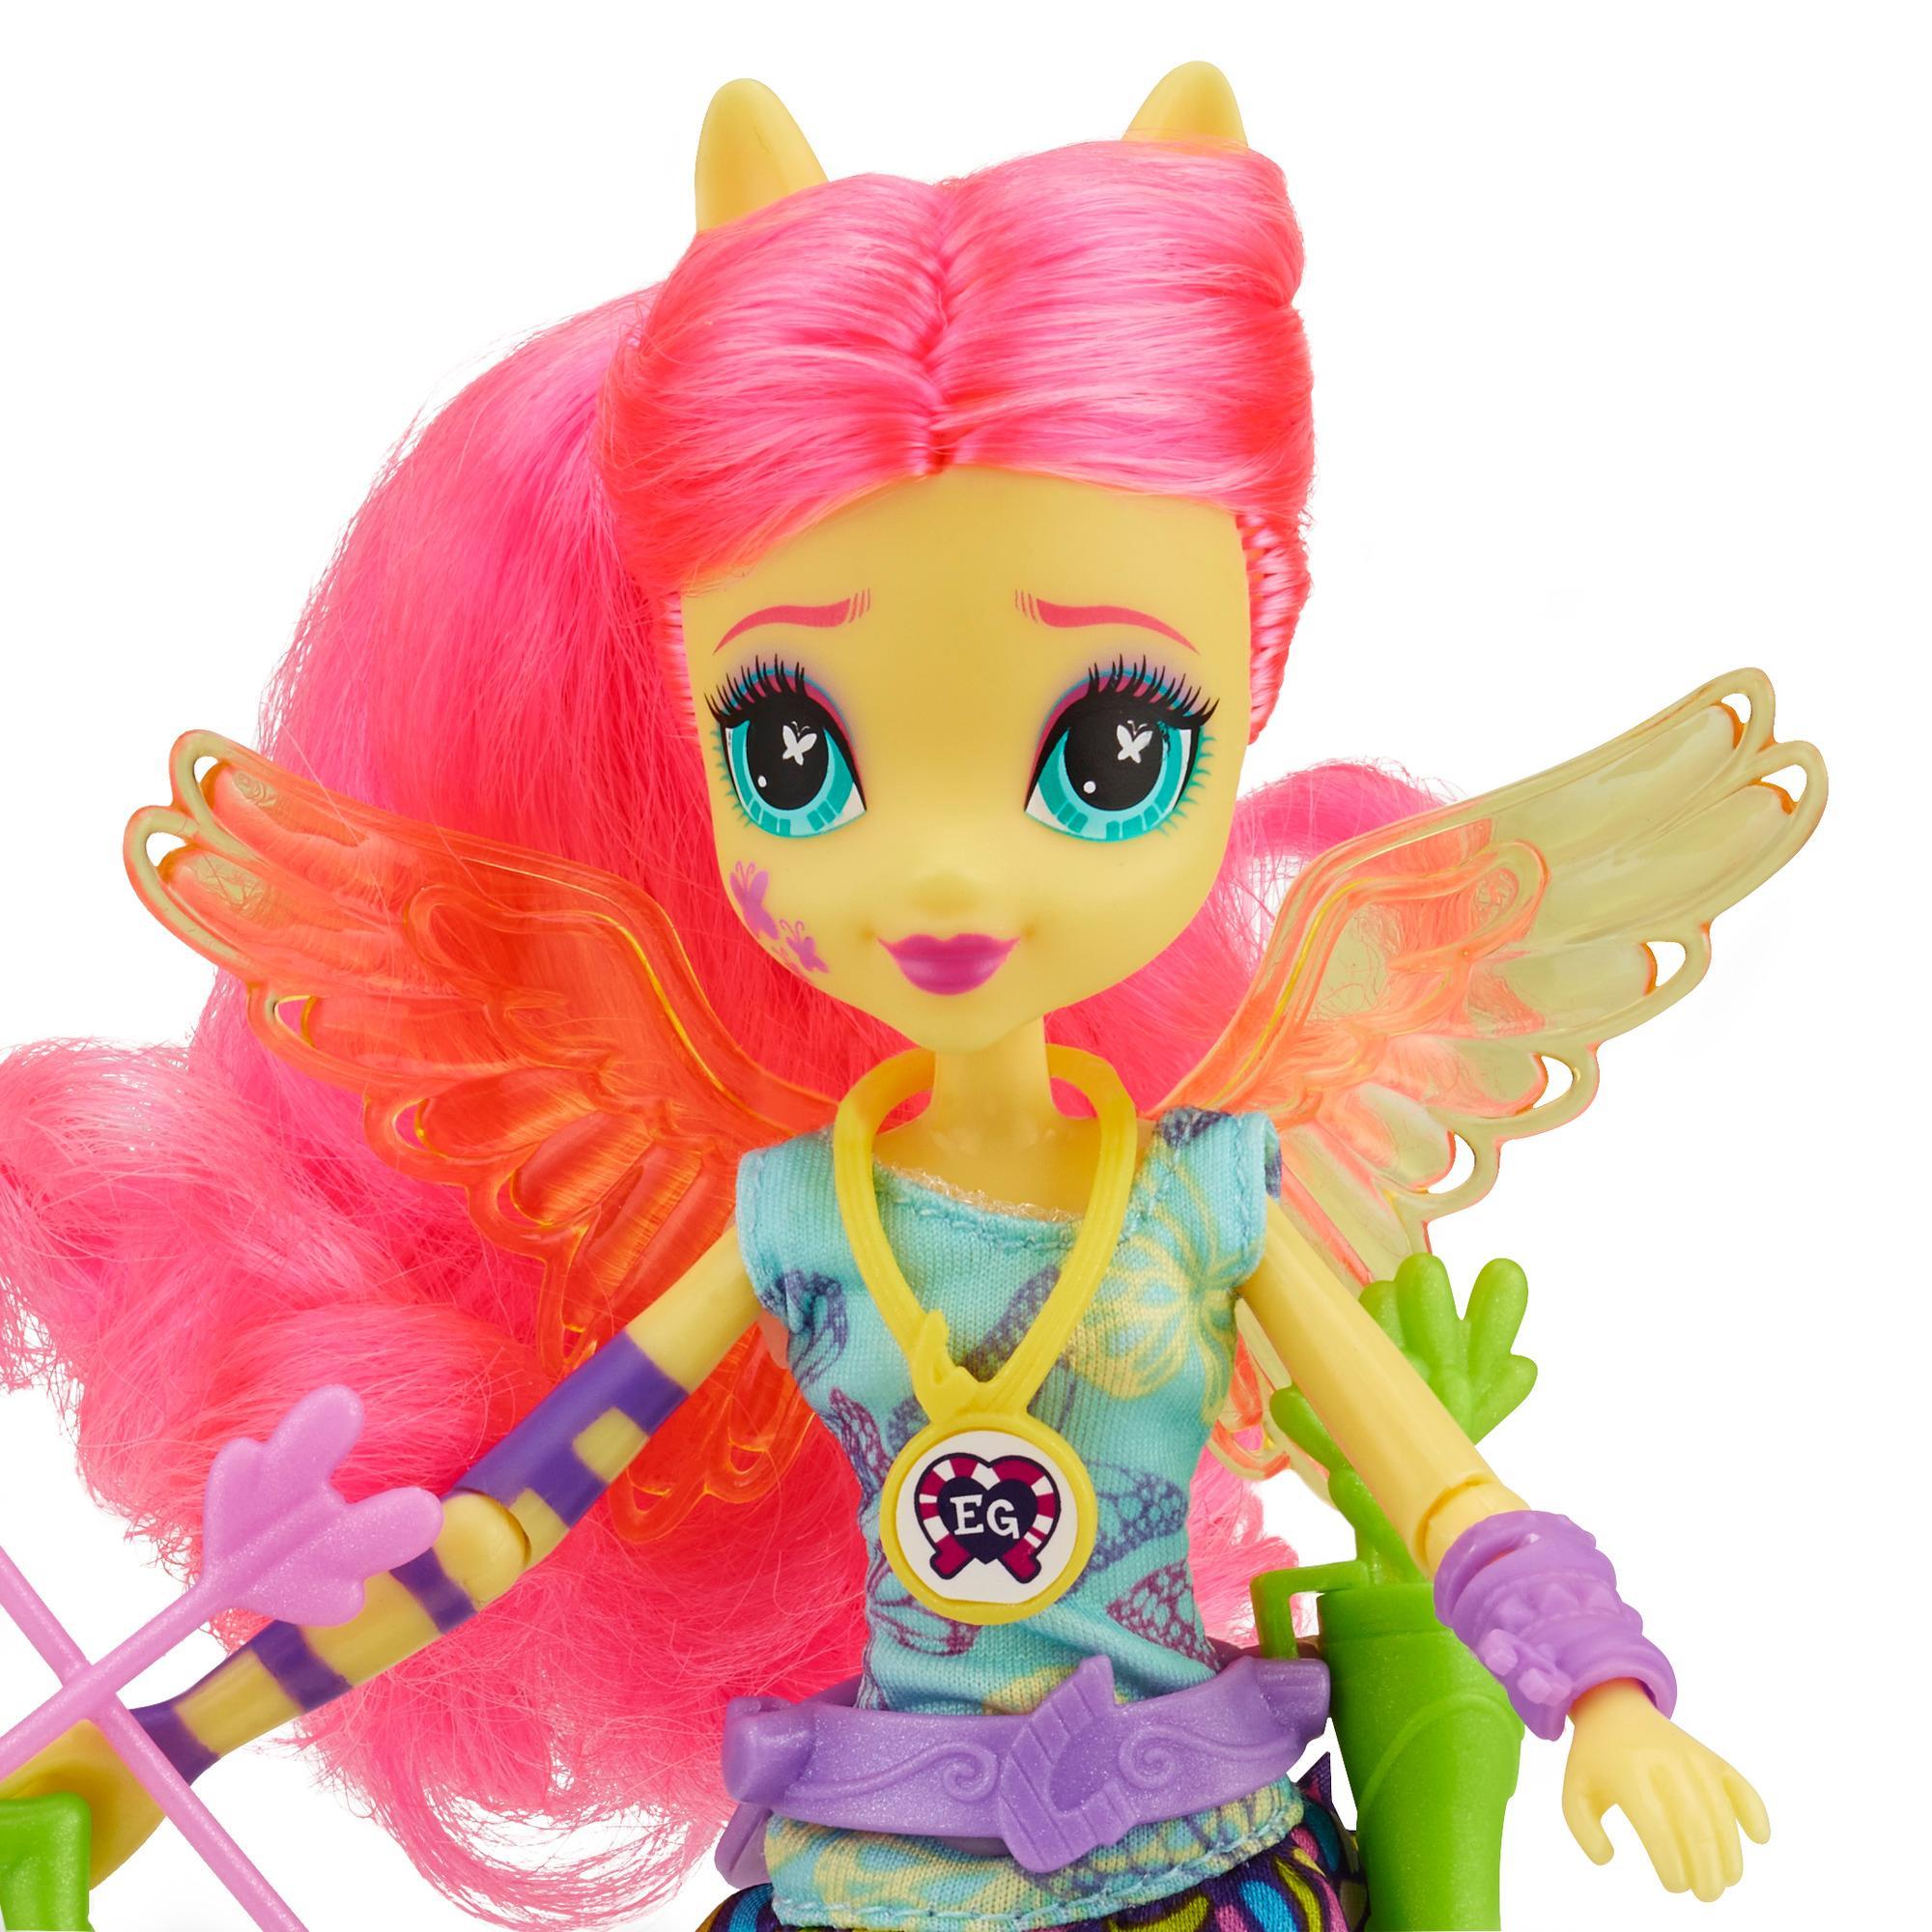 fluttershy archery style | Little pony, My little pony